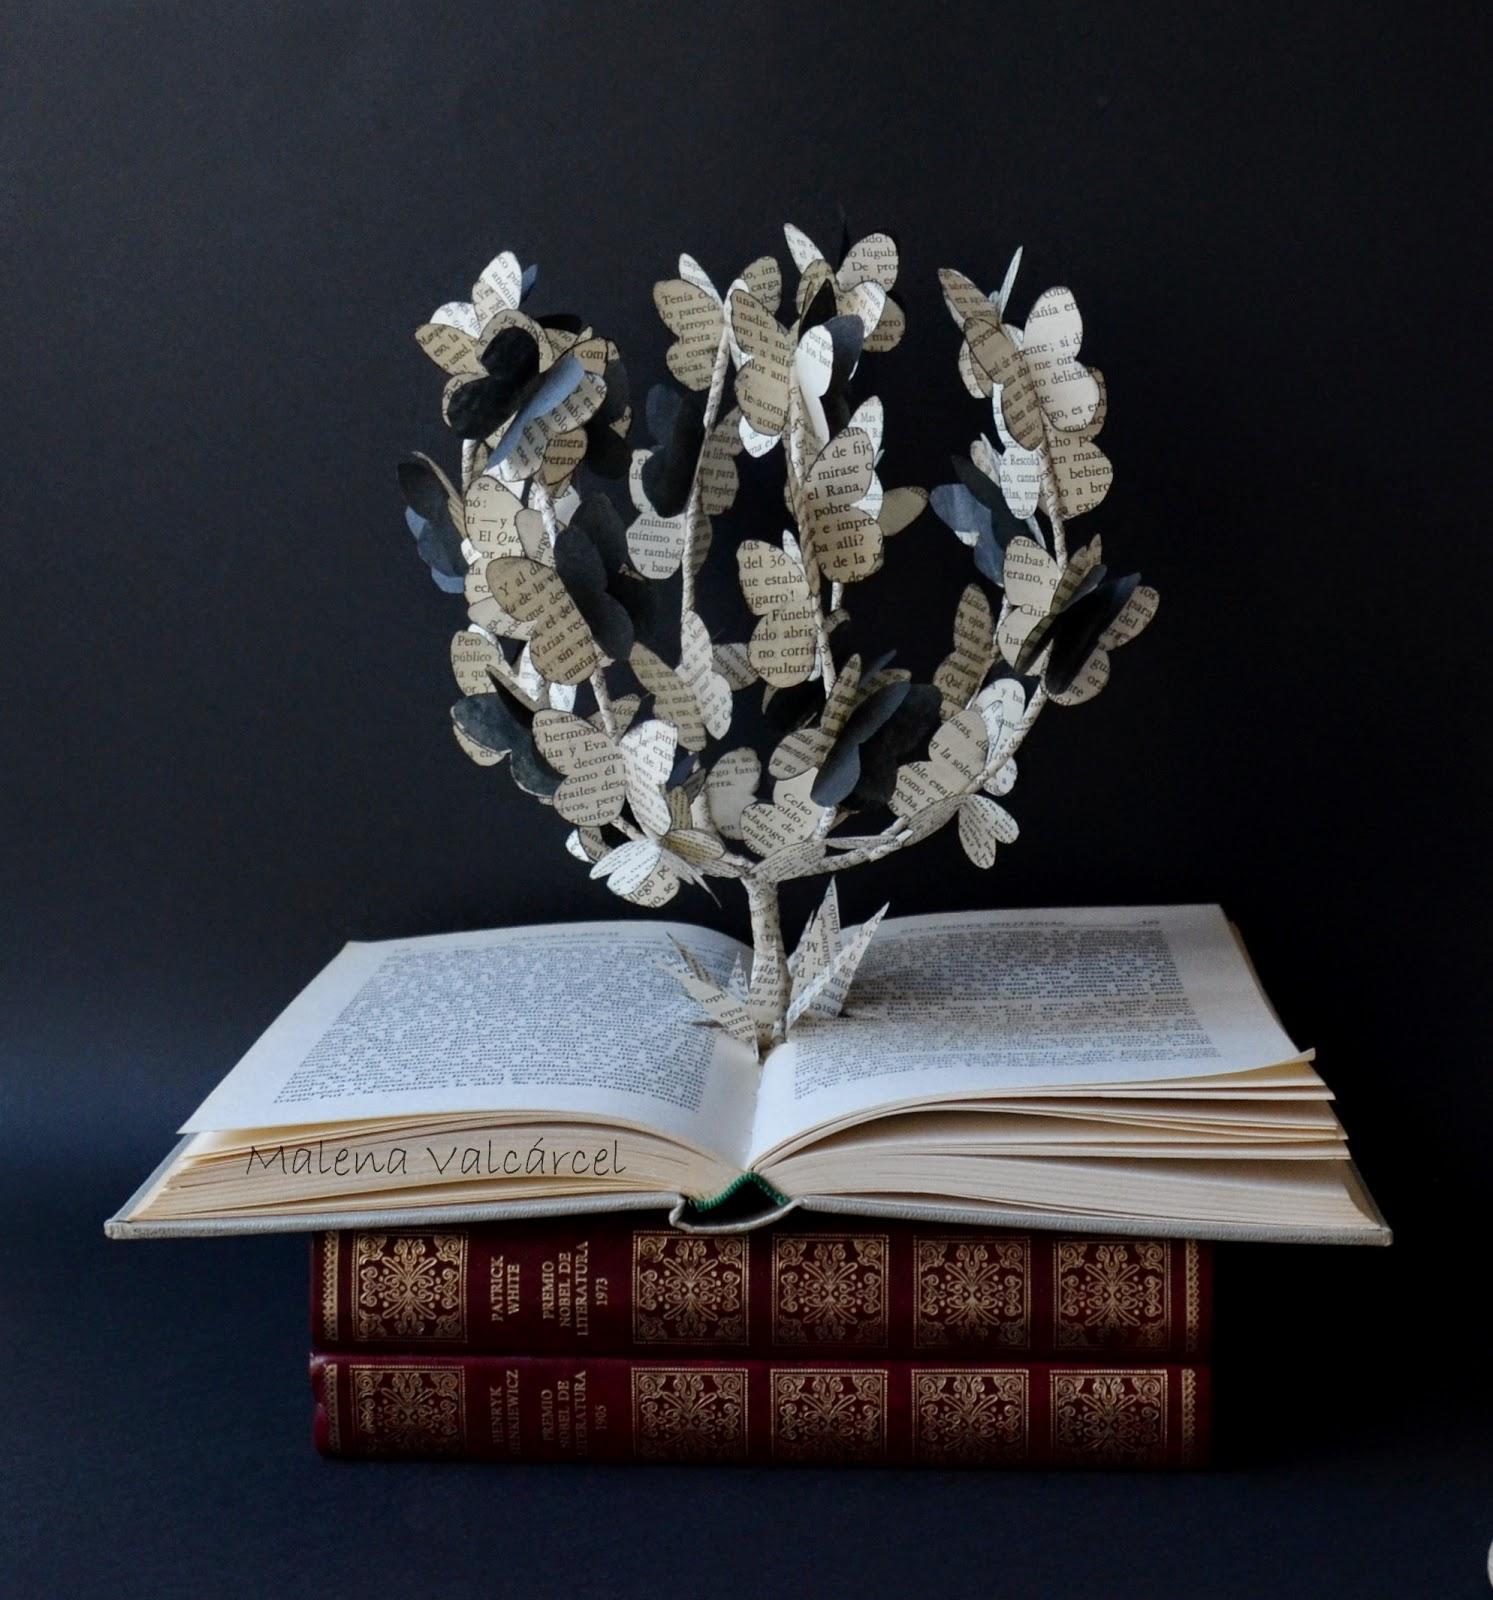 escultura-con-libros